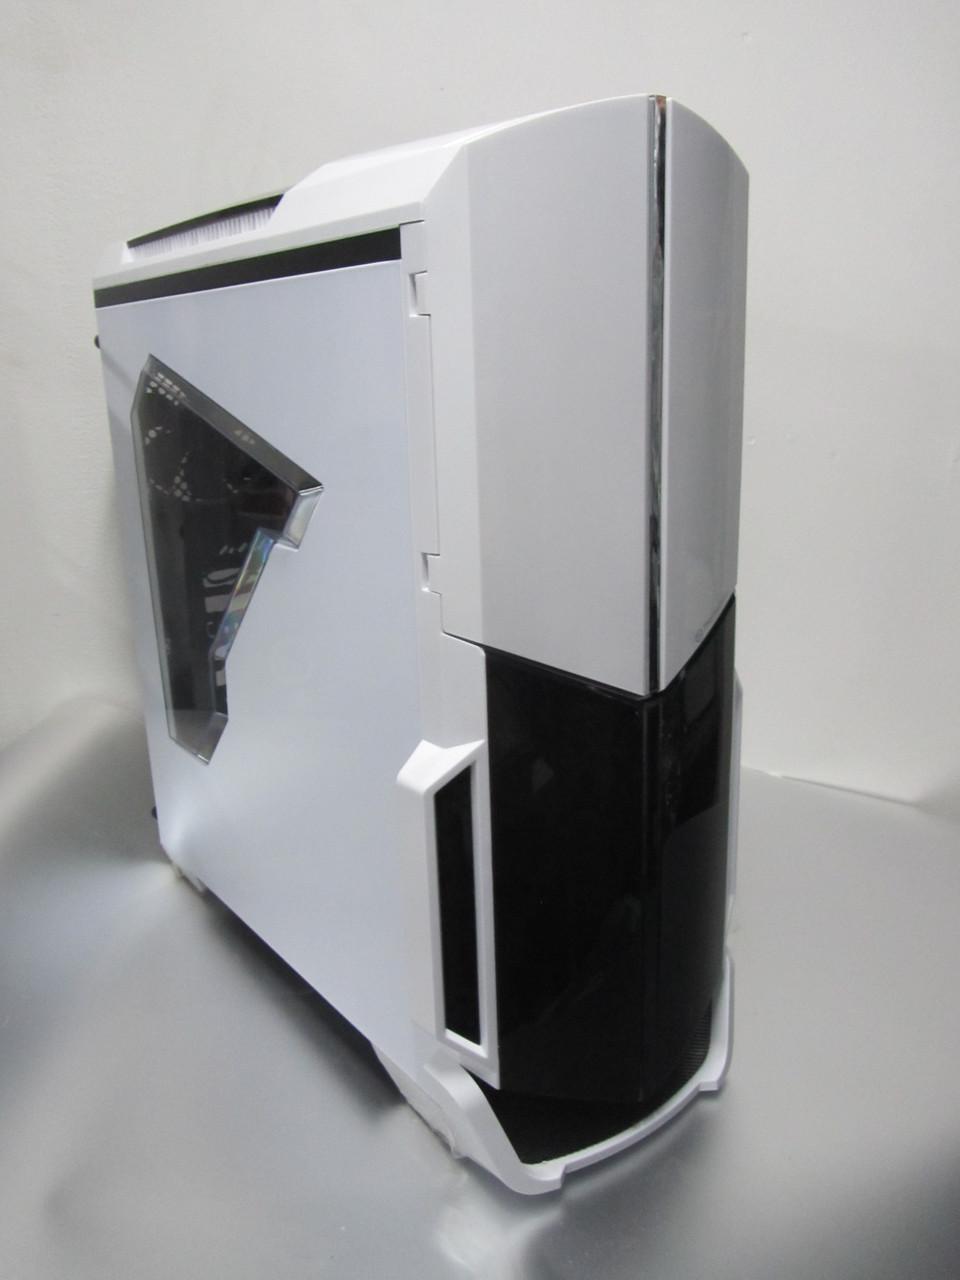 Стильный компьютерный корпус Thermaltake Versa N21 White для геймеров